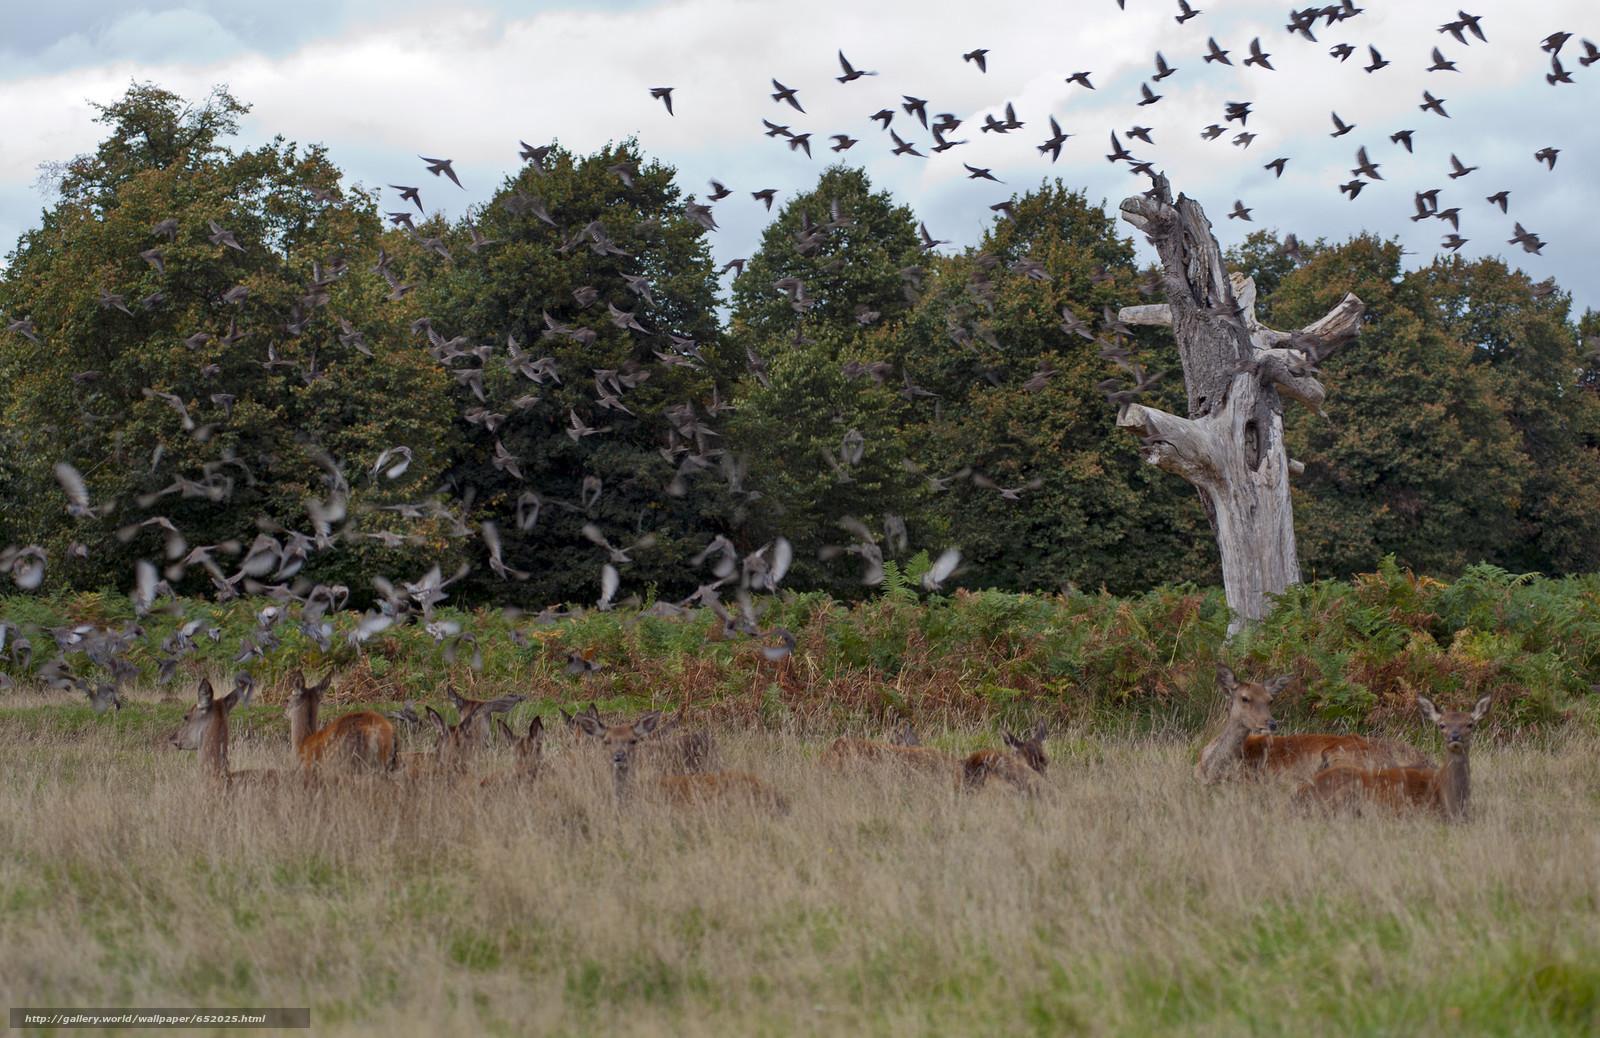 Скачать обои олень,  олени,  животные,  парнокопытные бесплатно для рабочего стола в разрешении 2048x1329 — картинка №652025